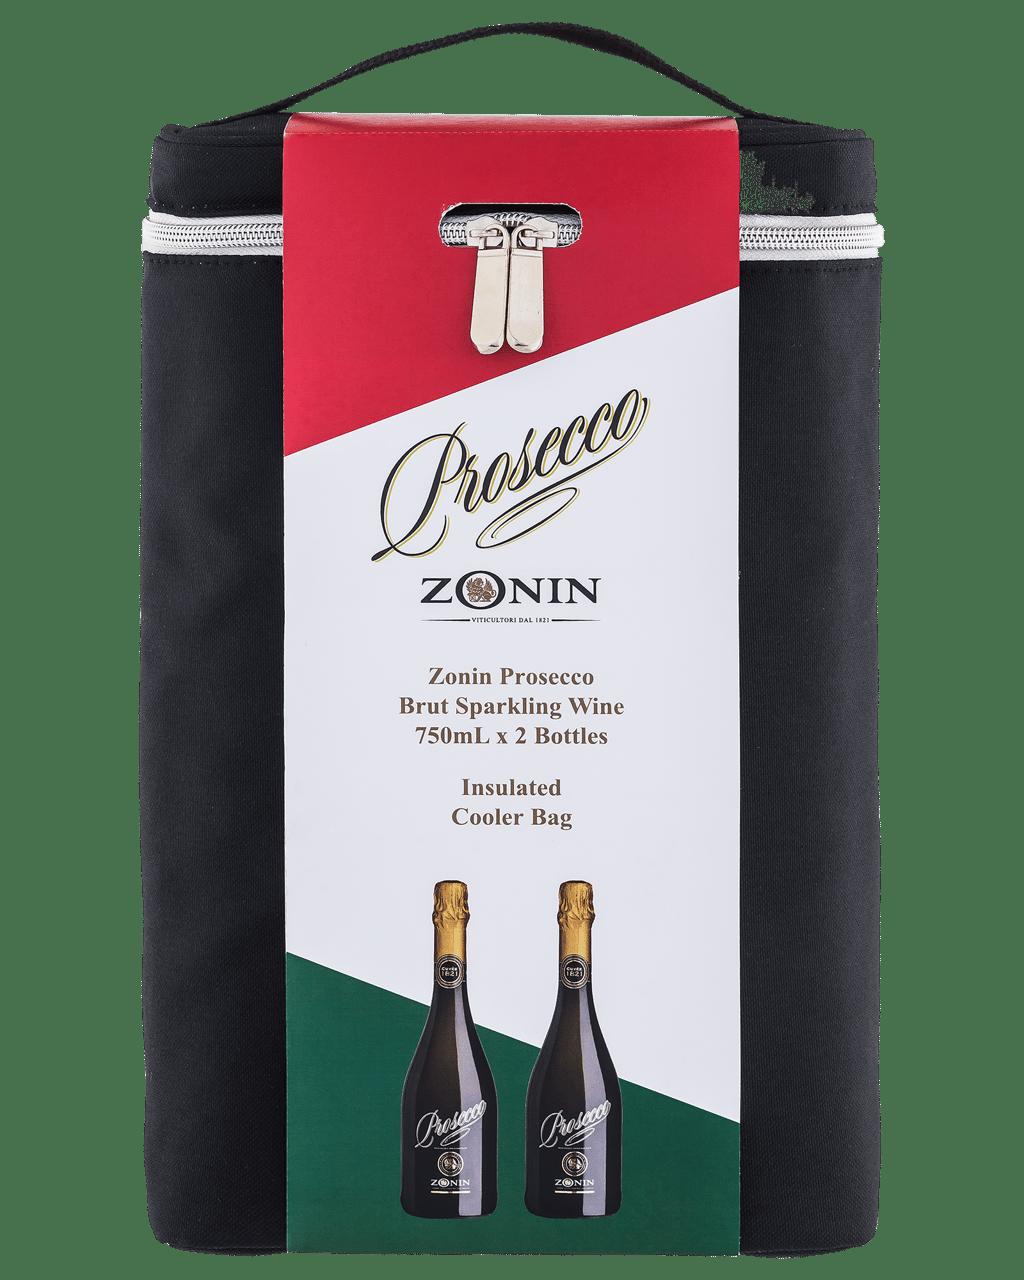 0a80c80abb3 Zonin Twin Prosecco Pack & Cooler Bag   Dan Murphy's   Buy Wine ...